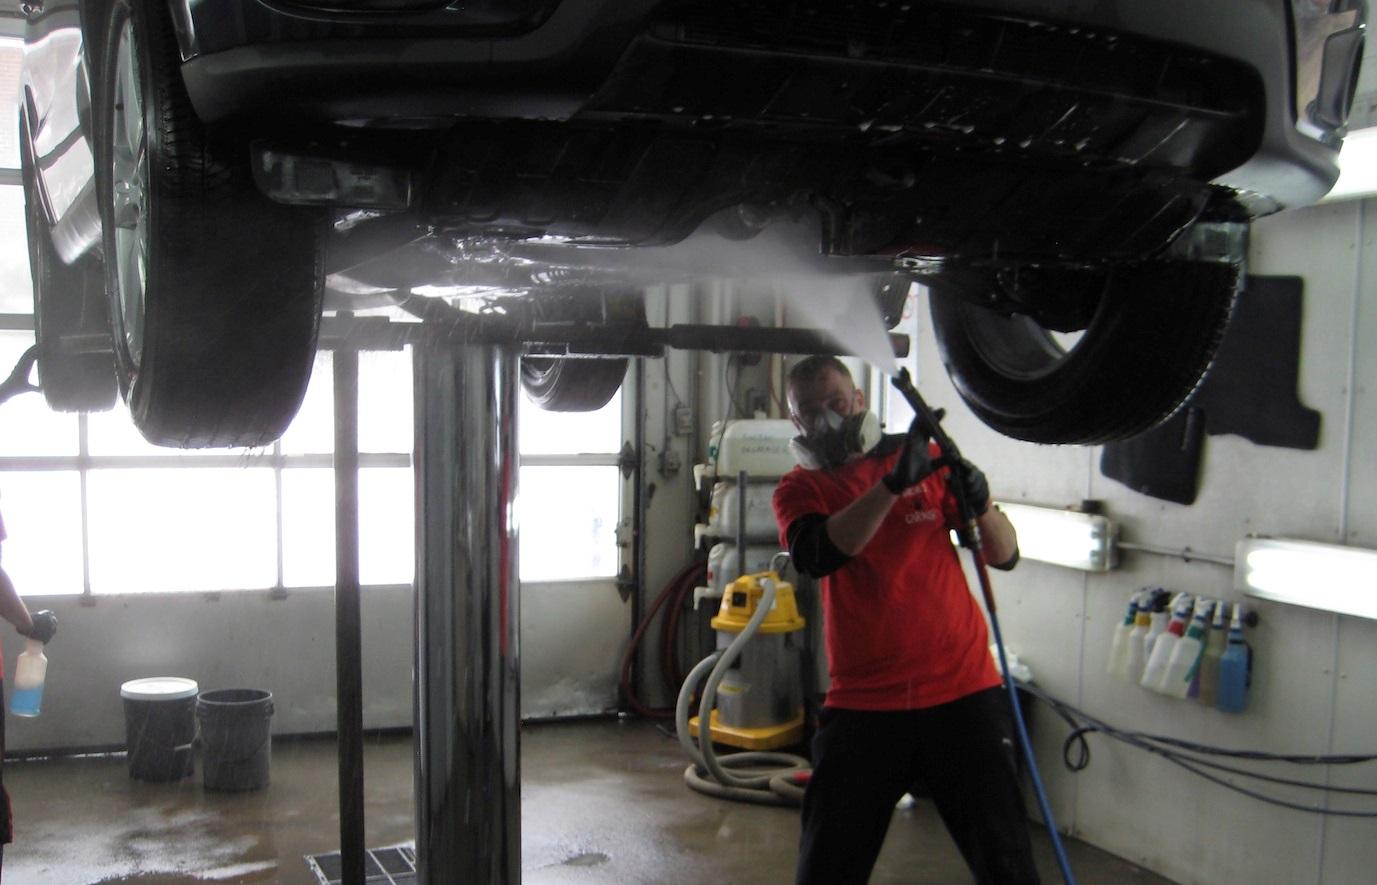 19,90€ από 43€ για Πλύσιμο (μέσα-έξω), Κέρωμα & Πλύσιμο Σασί Αυτοκινήτου, στο ''Αύρα Car Wash'' στη Νέα Φιλαδέλφεια εικόνα